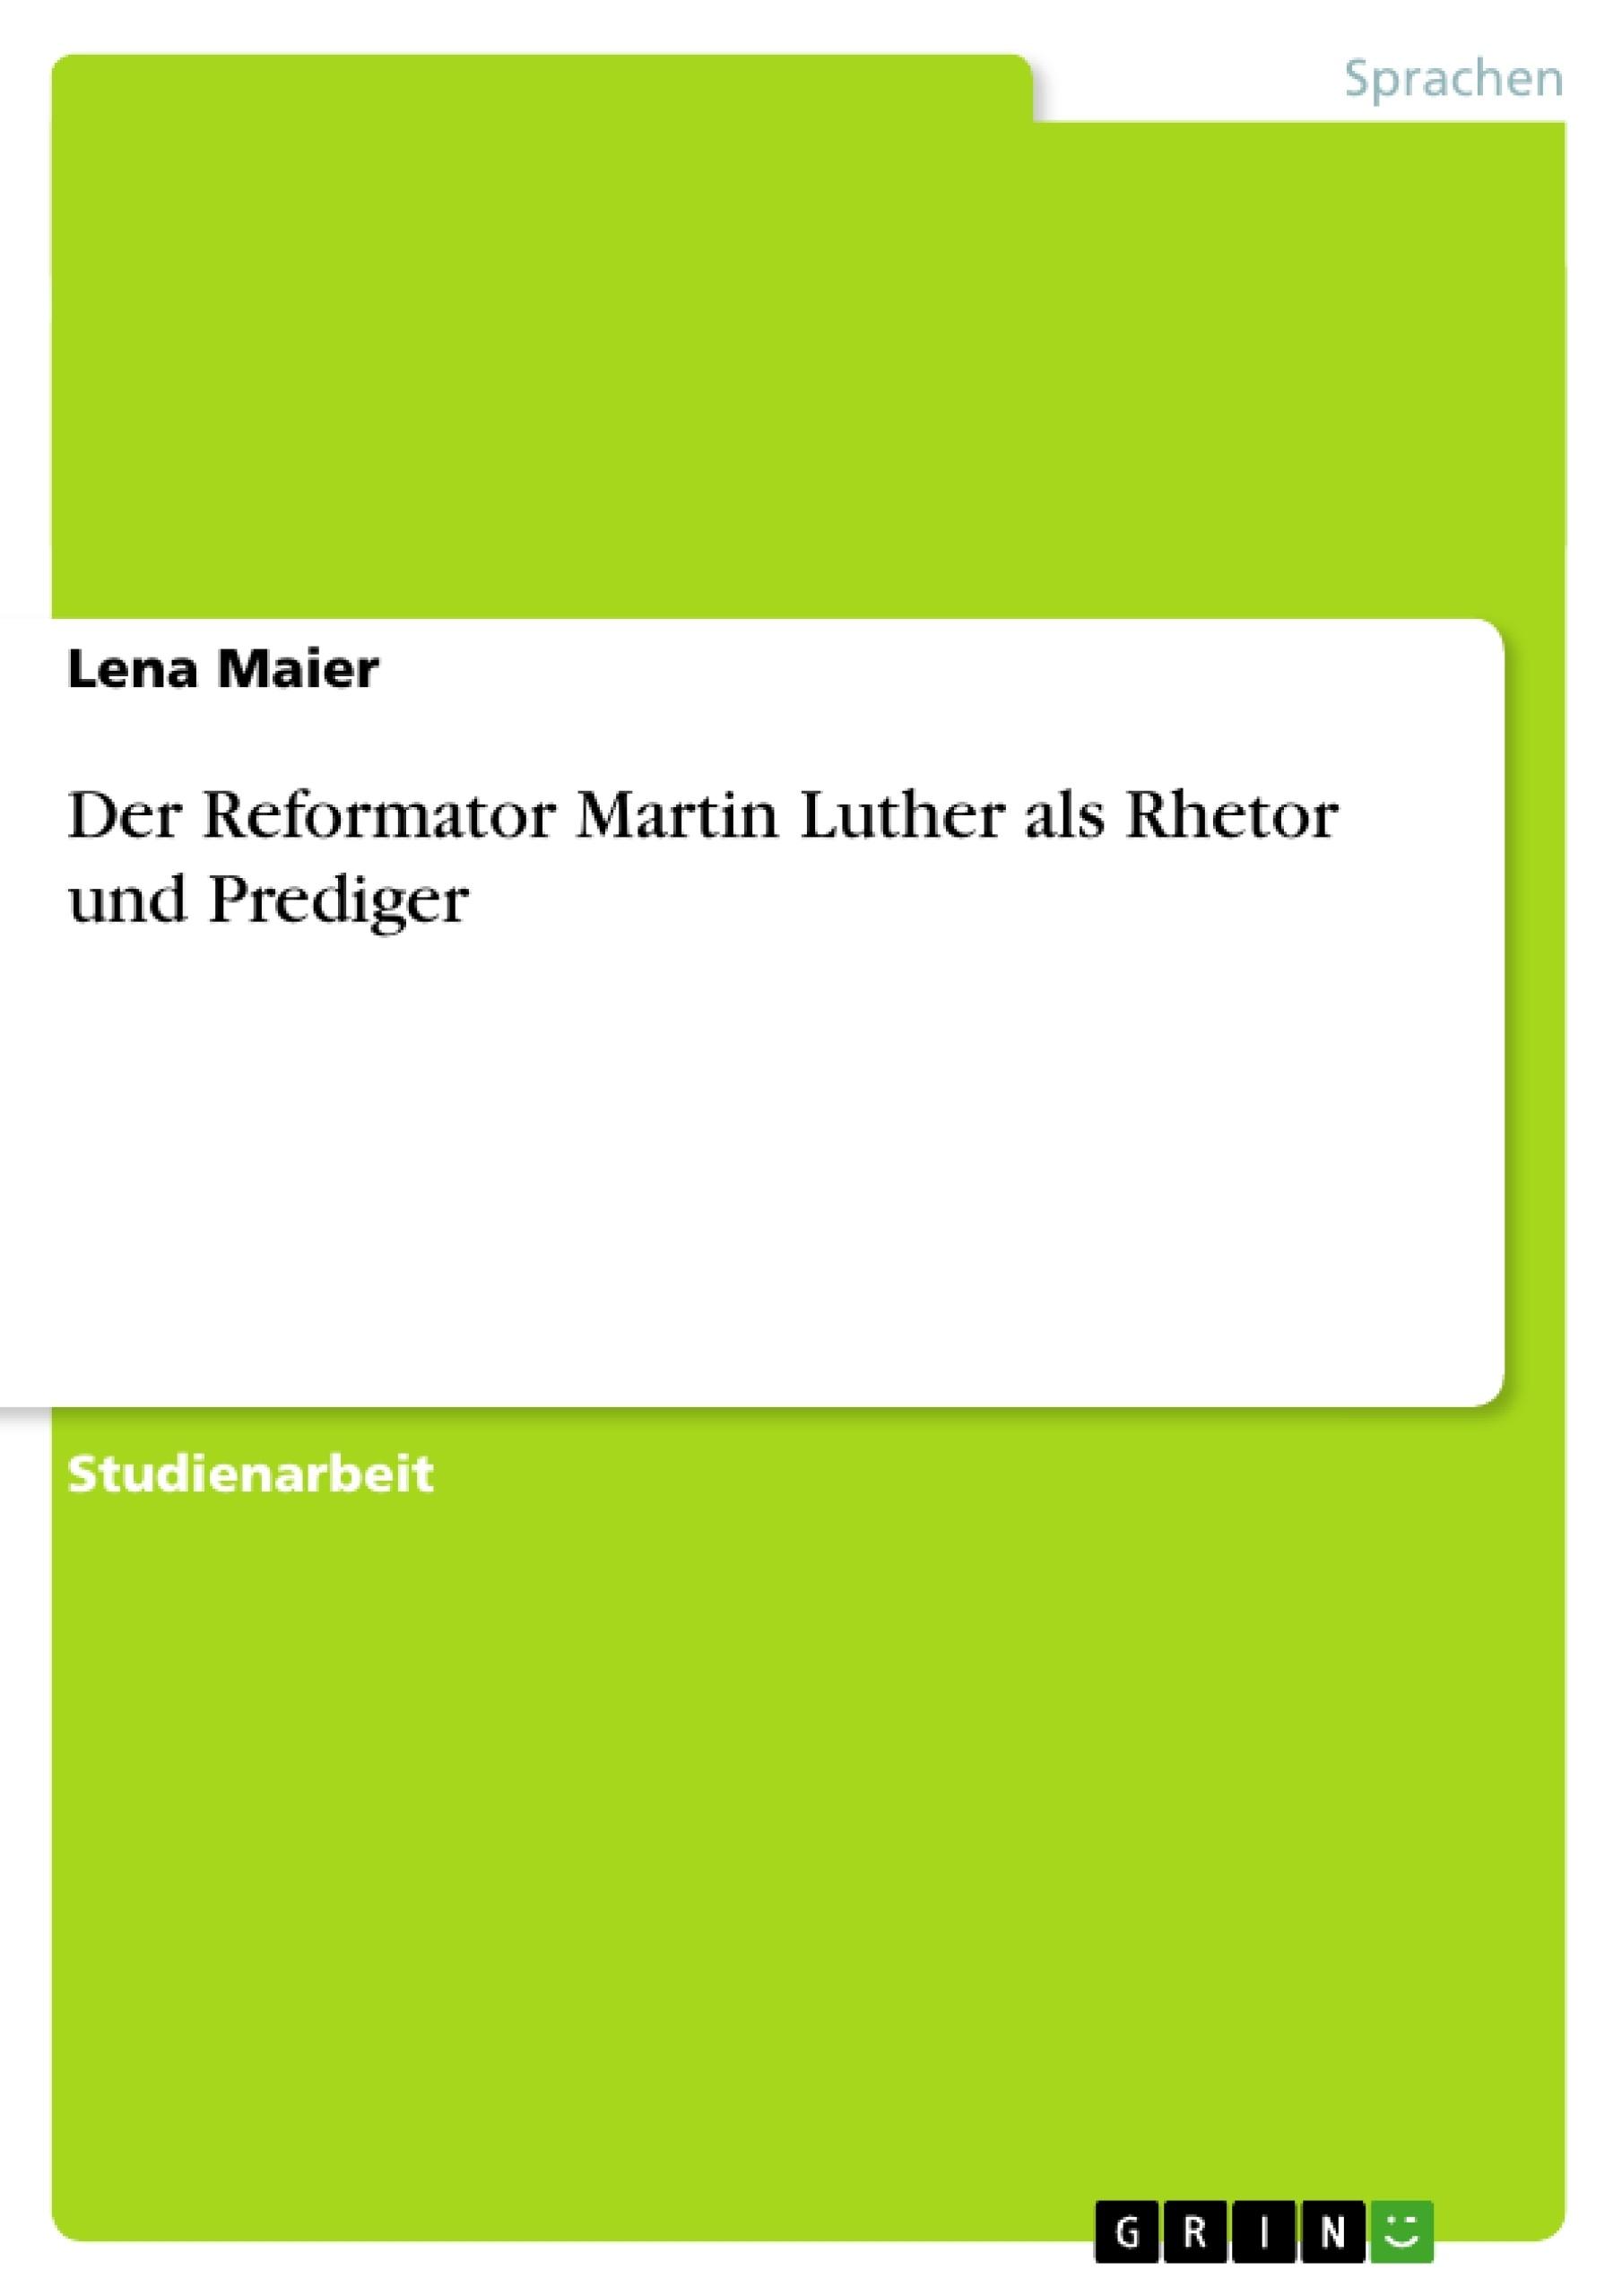 Titel: Der Reformator Martin Luther als Rhetor und Prediger